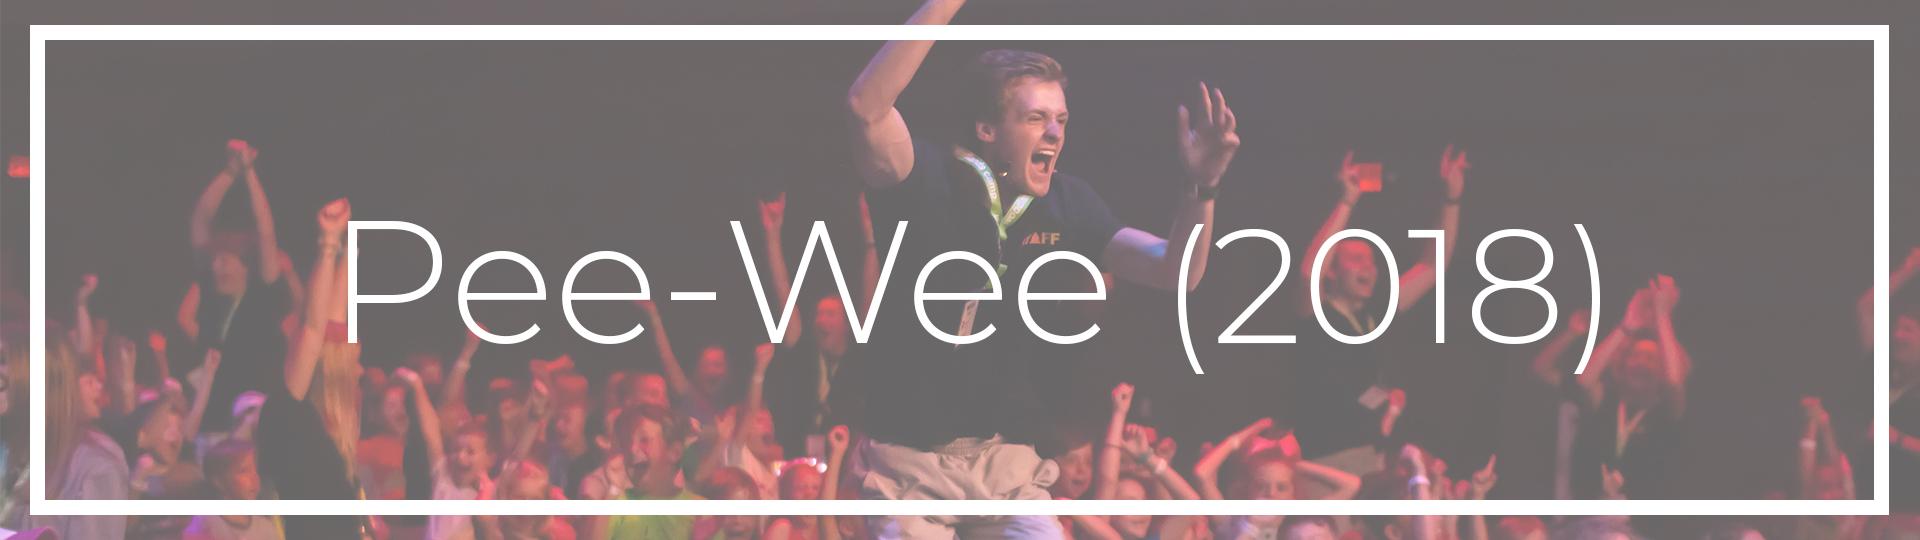 Pee-Wee.jpg